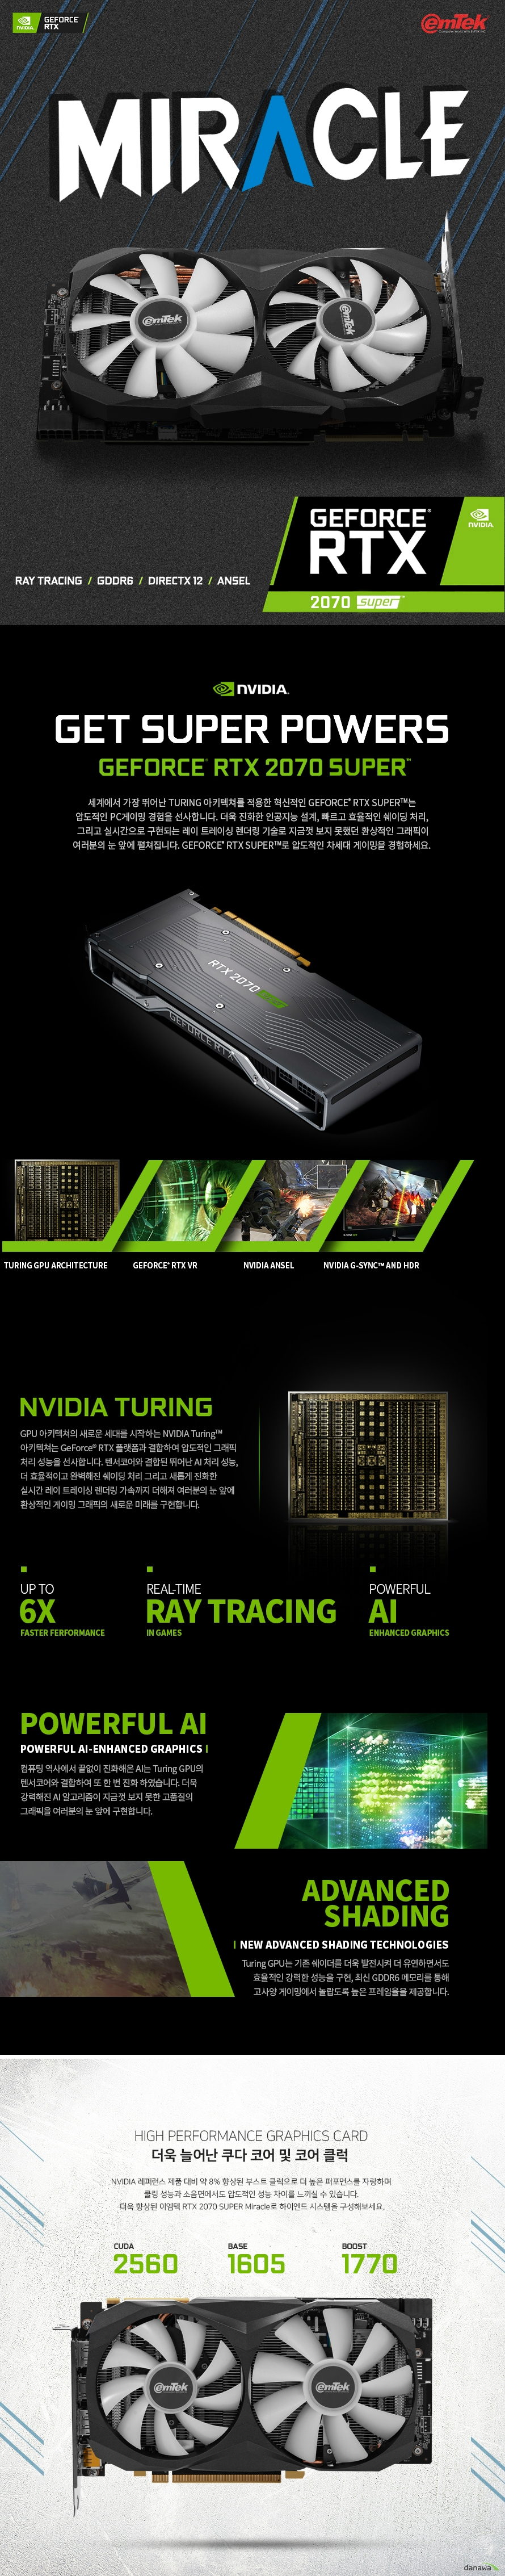 이엠텍 지포스 RTX 2070 SUPER MIRACLE D6 8GB 제품 사이즈  길이 218 밀리미터 높이 124 밀리미터 두께 36 밀리미터  쿠다코어 개수 2560개 베이스 클럭 1605 메가헤르츠 부스트 클럭 1770 메가헤르츠  메모리 버스 256 비트 메모리 타입 gddr6 8기가바이트 메모리 클럭 14000 메가헤르츠  후면 포트 Usb Hdmi 2.0b 포트  Dp1.4 포트 3개 최대 7680 4320 해상도 지원 최대 멀티 디스플레이 4대 지원  소비 전력 215와트 권장 전력 650와트 8핀 전원 커넥터 지원  지원 운영체제 윈도우 10 8 7 32 및 64비트 지원 kc인증번호 r-r-emt-emt-n207-s